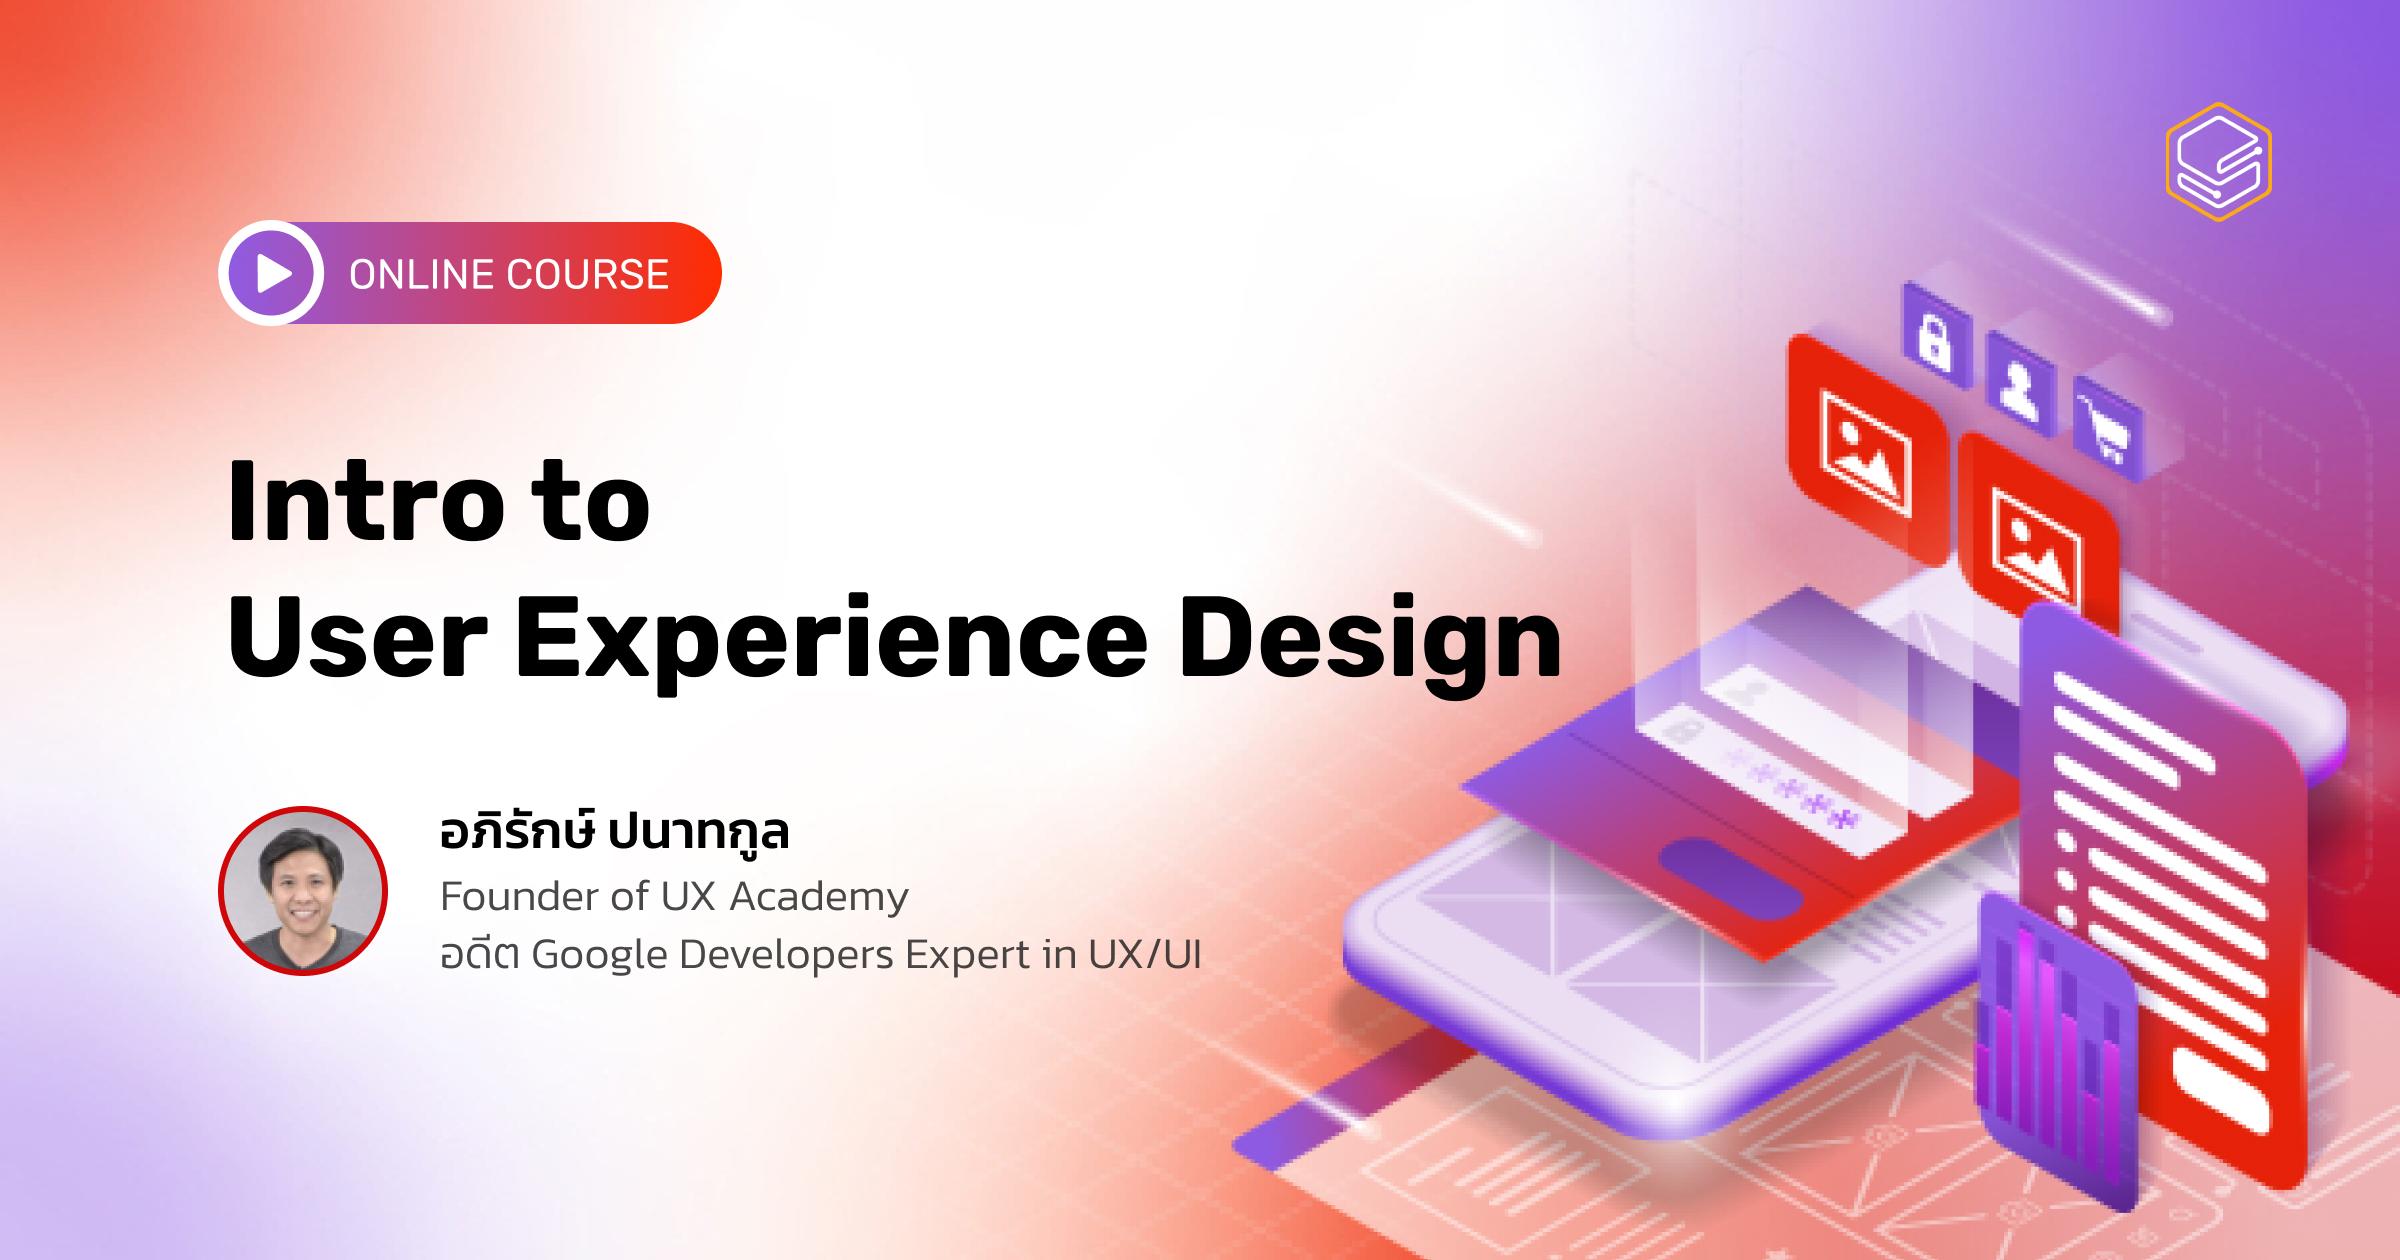 เริ่มต้นออกแบบประสบการณ์ผู้ใช้งานเพื่อความสำเร็จทางธุรกิจ | Skooldio Online Course: Intro to User Experience Design